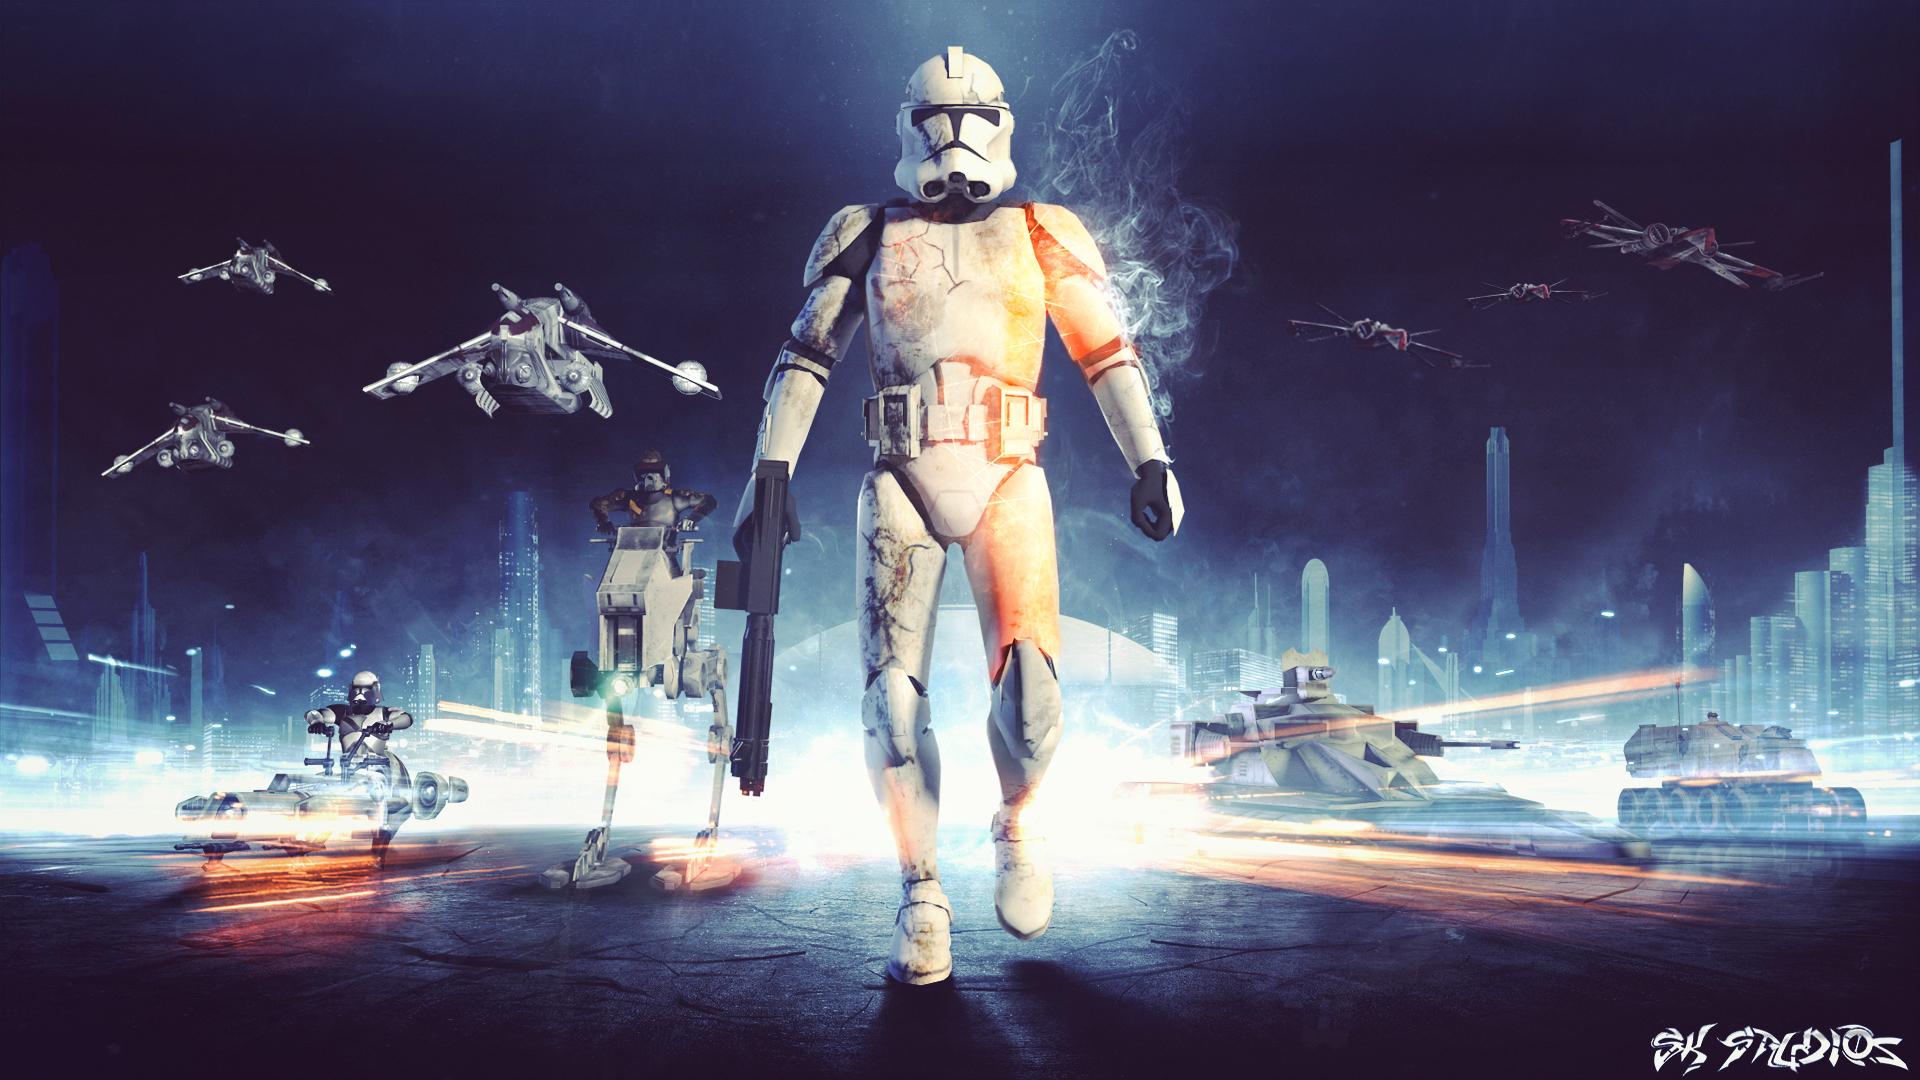 EA Star Wars Battlefront Wallpaper